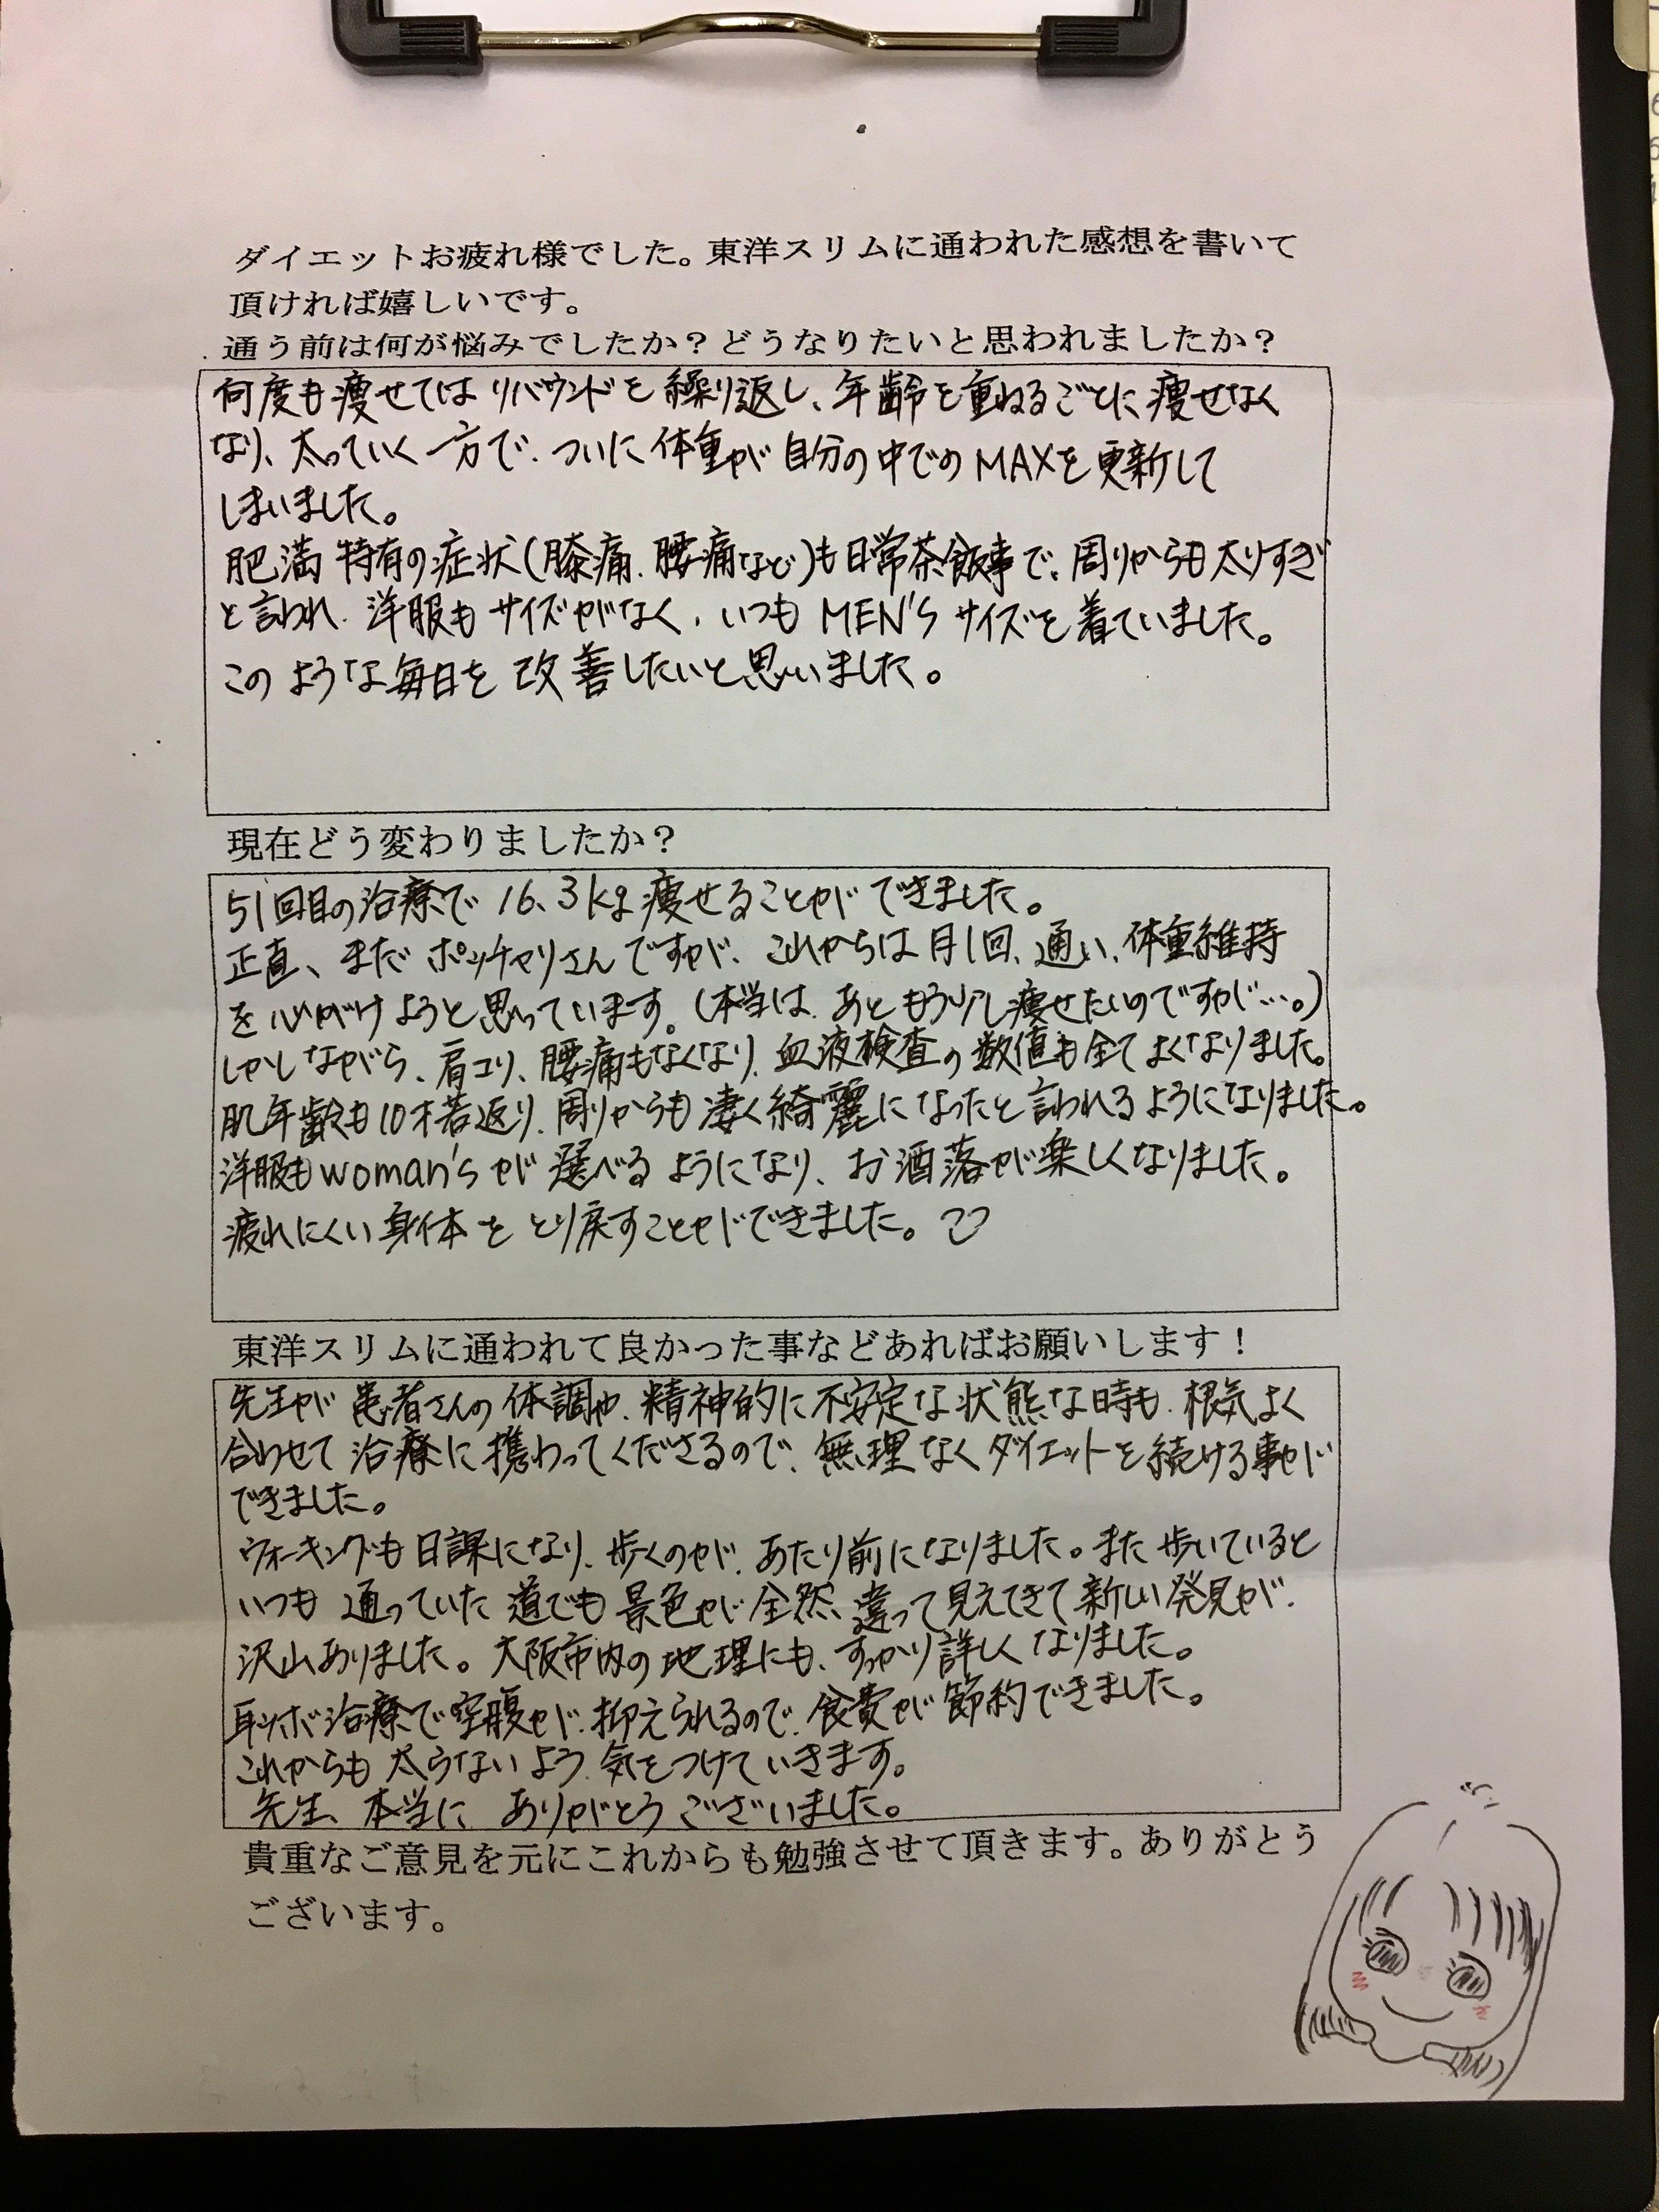 大阪市東住吉区Iさん46才耳つぼダイエット16.3kg成功。肌年齢が10才若返った。